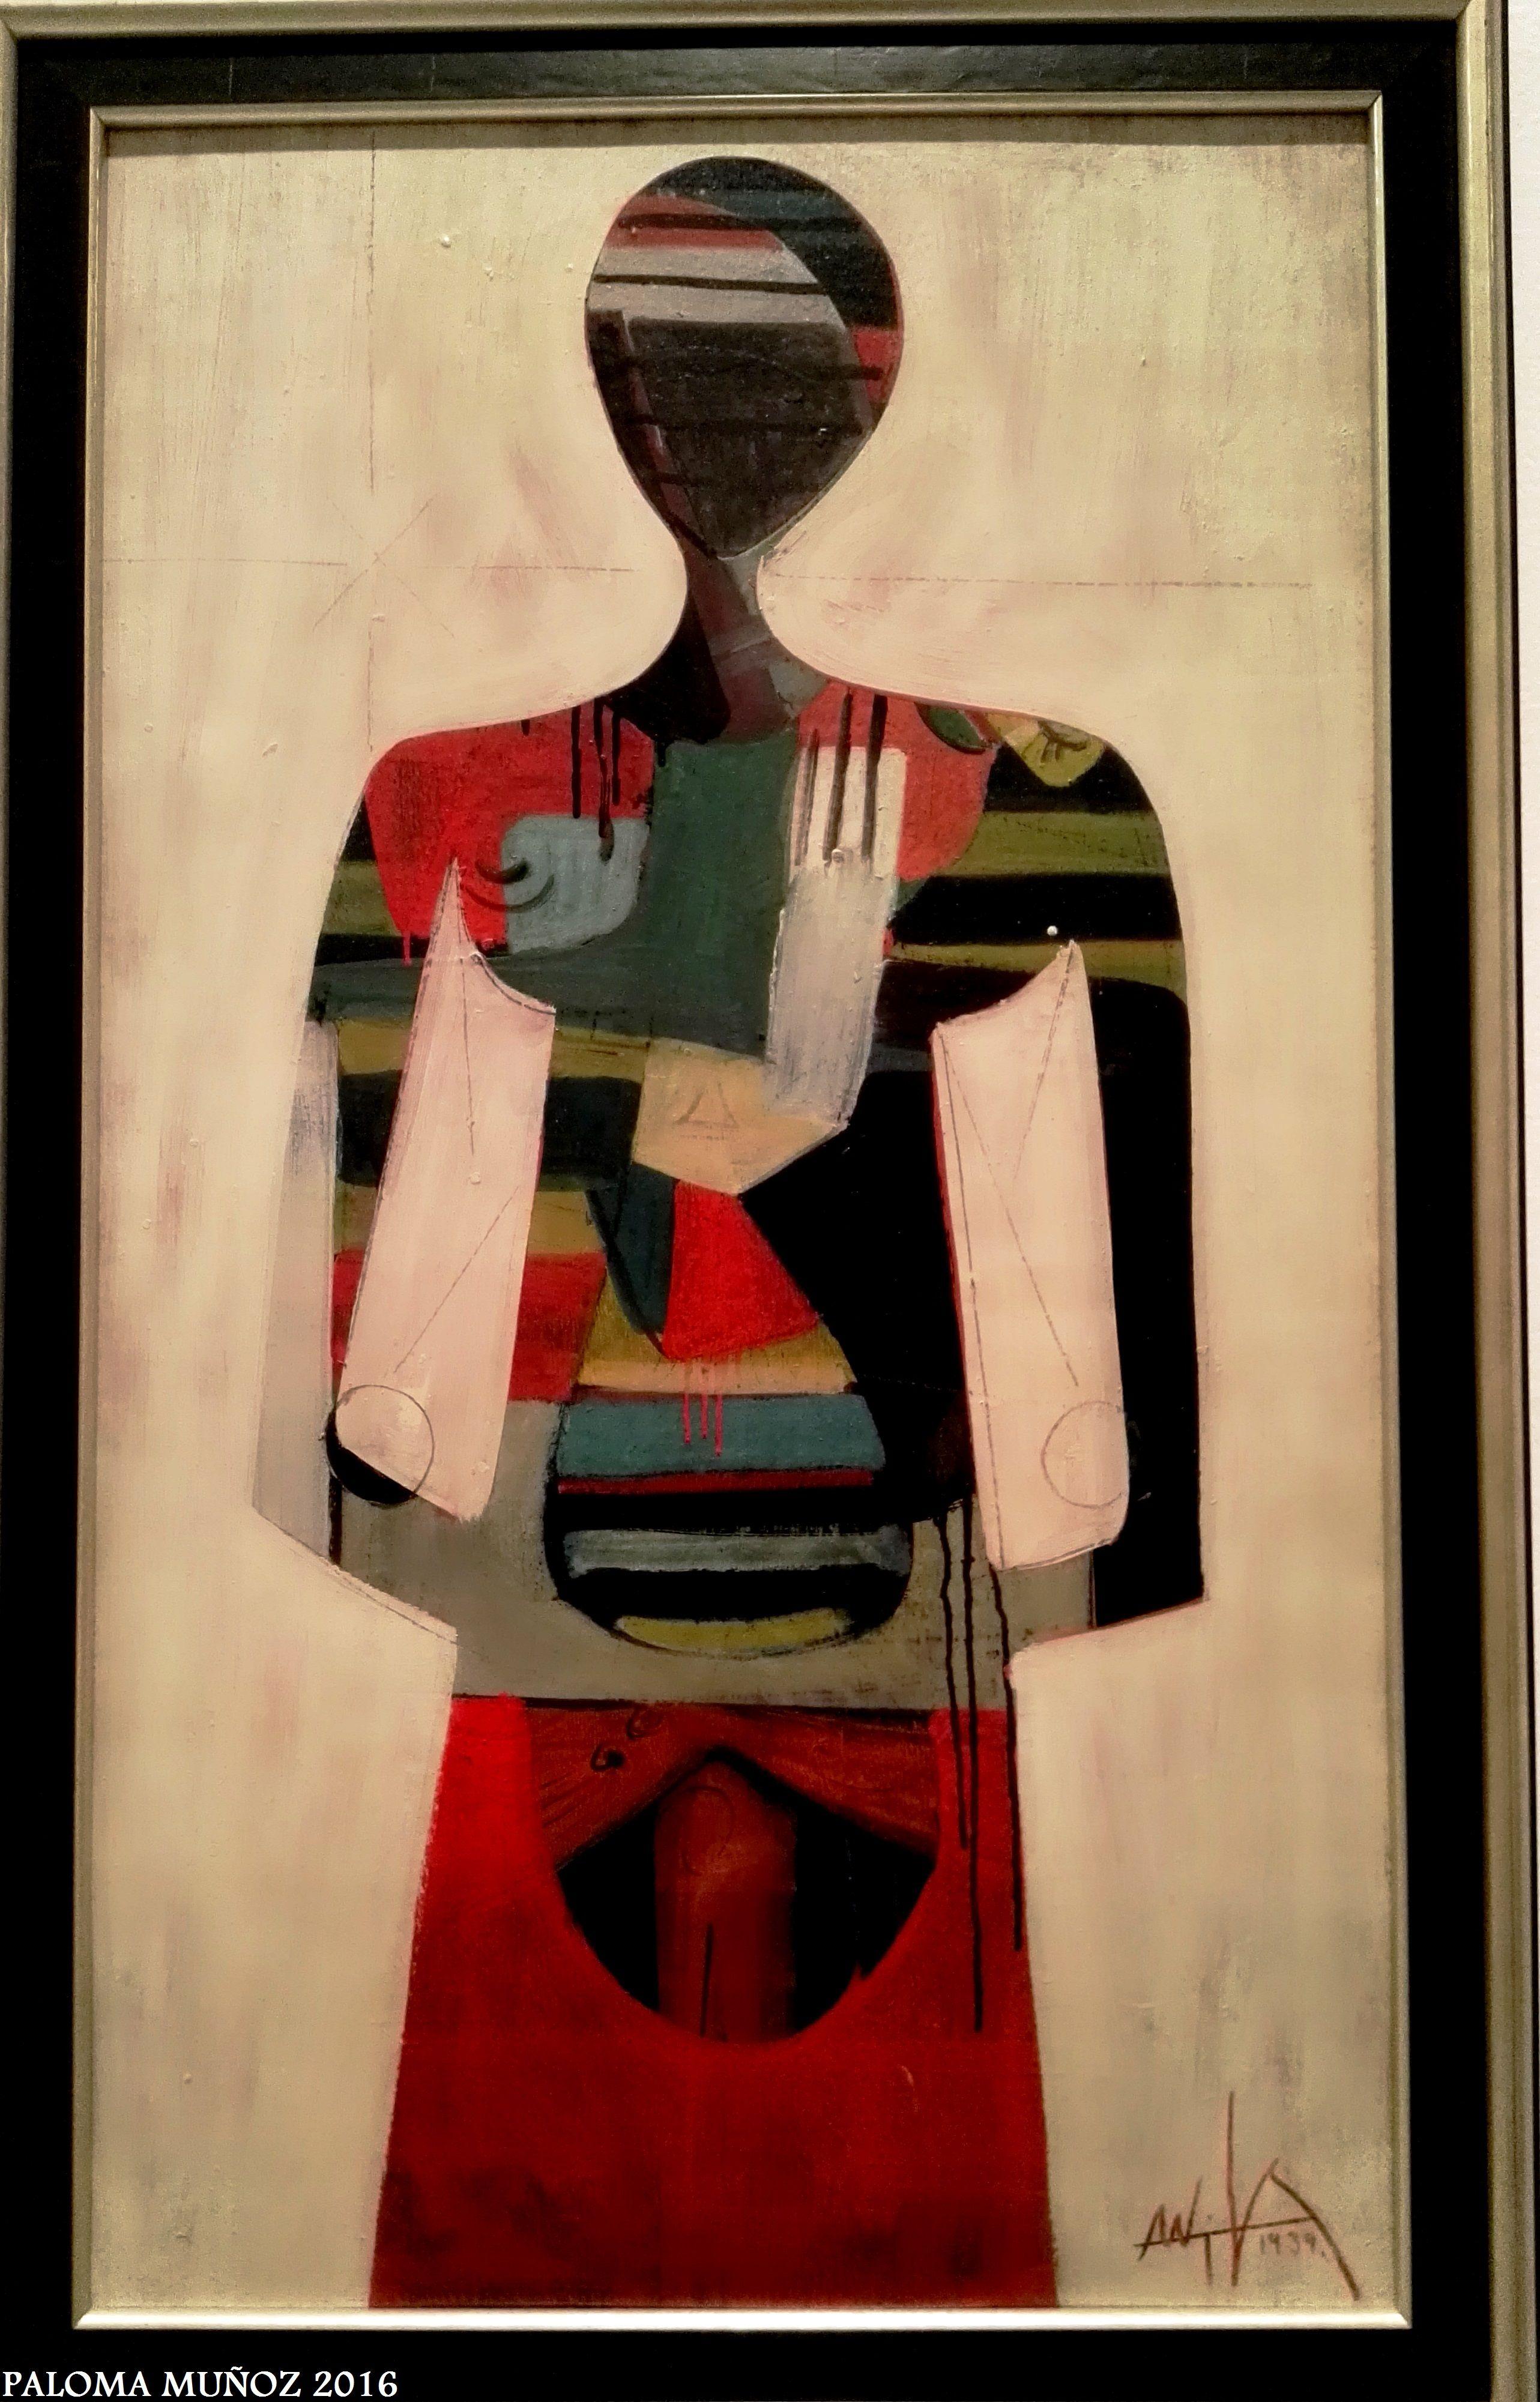 """Exposición Wifredo Lam. Museo Reina Sofía. """"Figura"""". Simbología afro-caribeña. Wifredo Lam Exhibition. Reina Sofia Museum. """"Figure"""". Afro-Caribbean symbolism."""